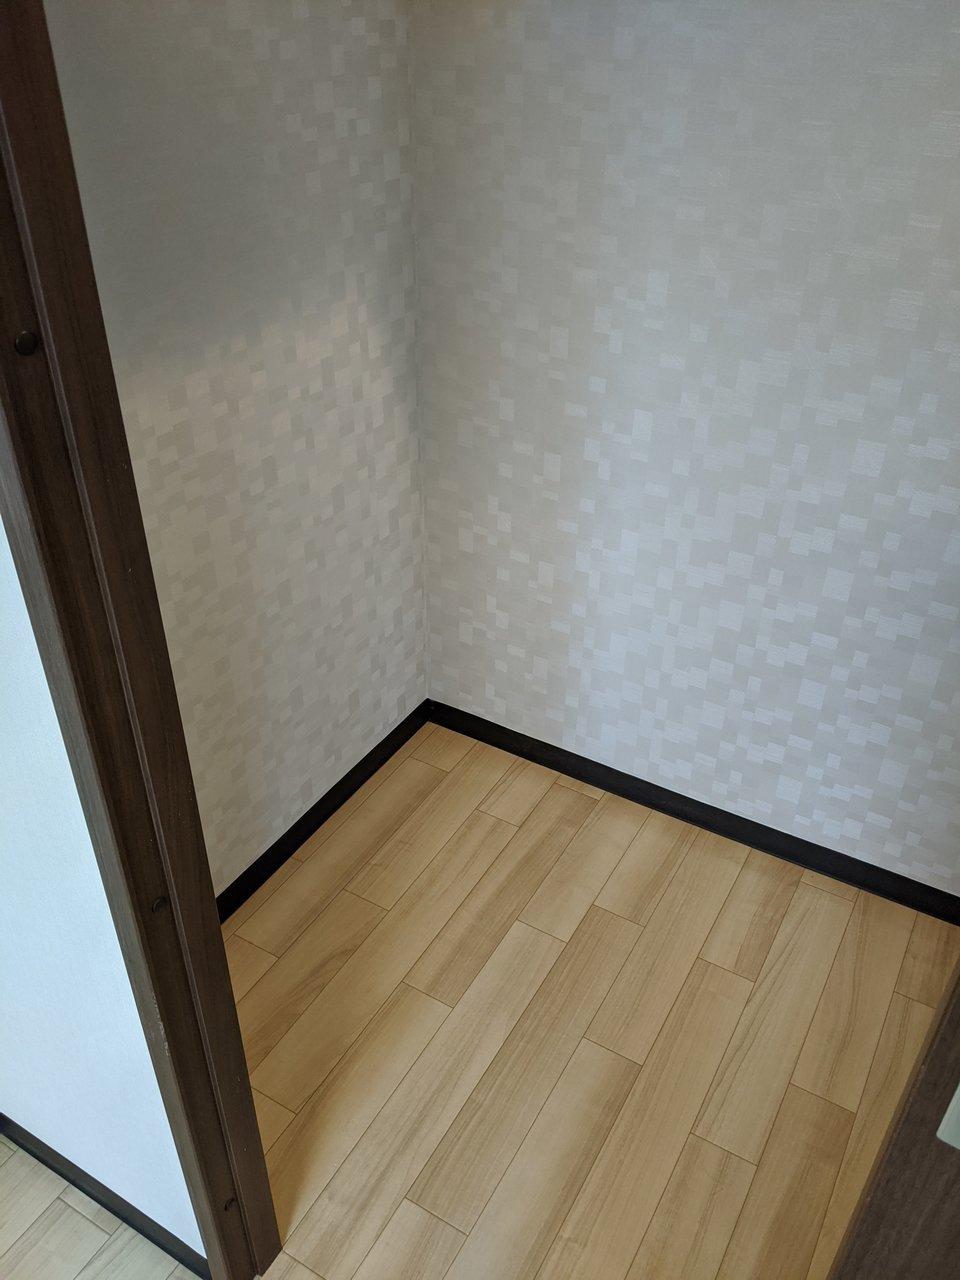 5畳の洋室には、ウォークインクローゼットが。上部には棚やハンガーパイプがあるので、とても収納がしやすくなっています。